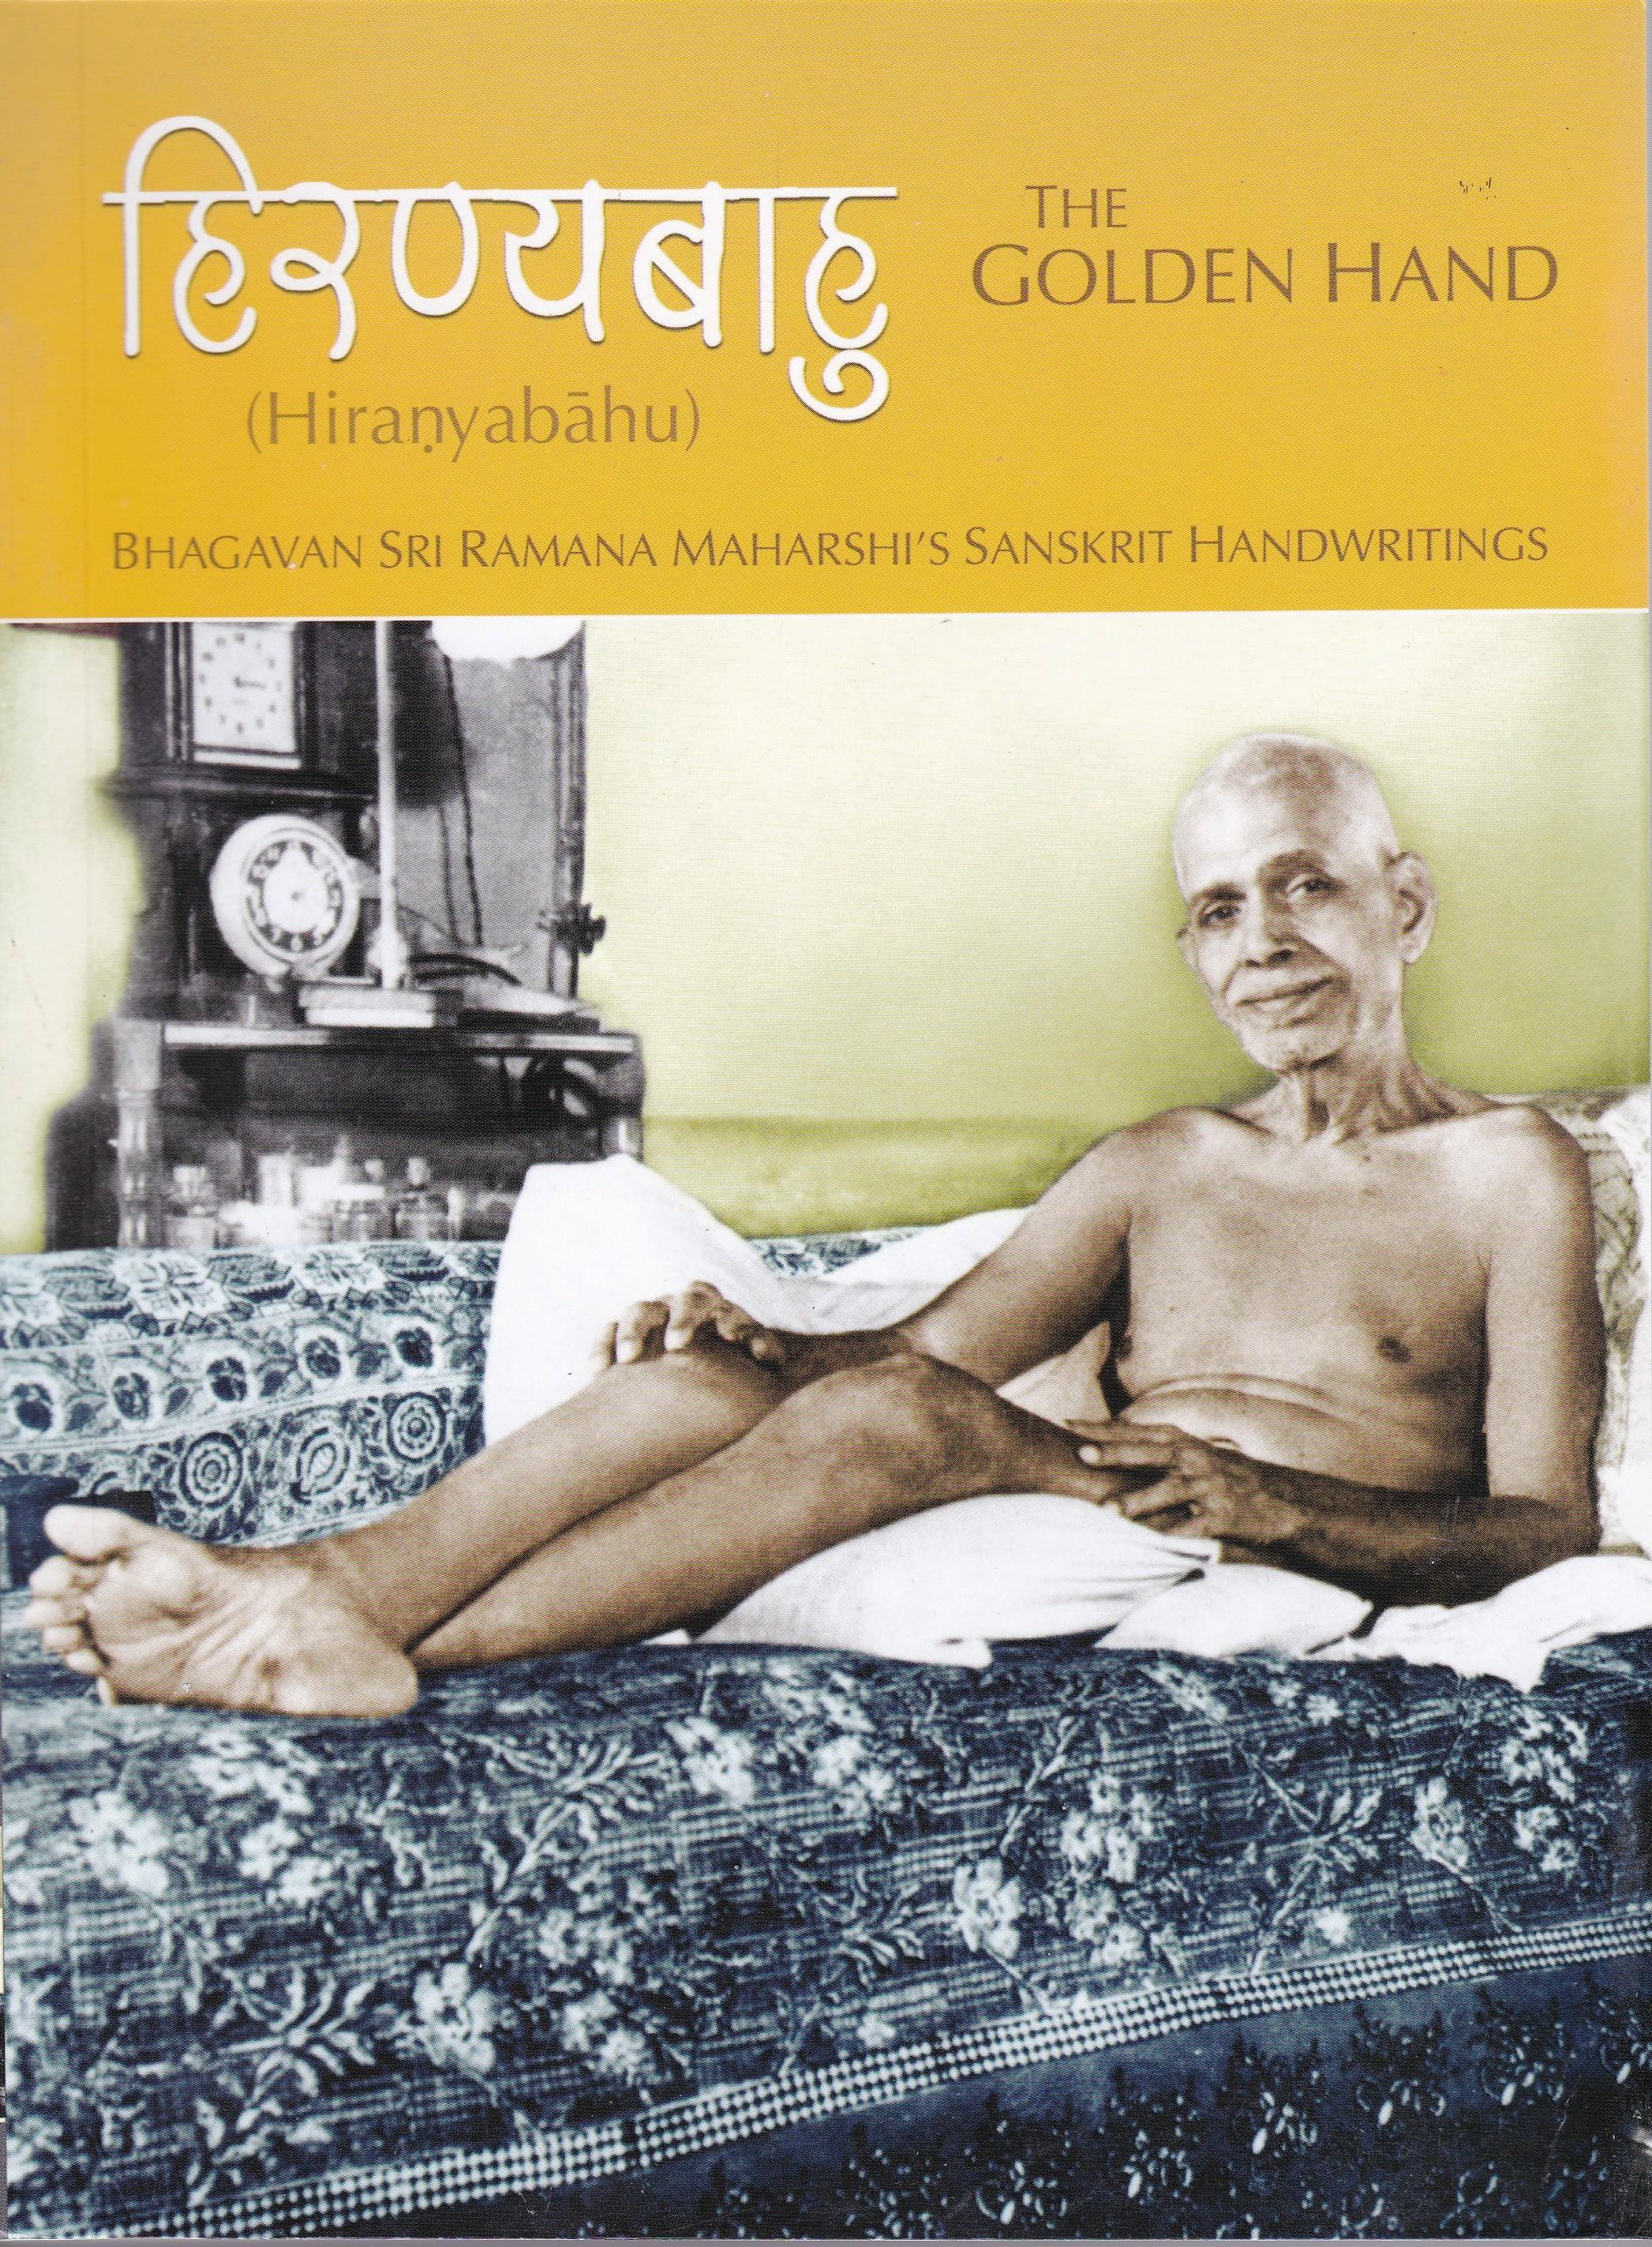 Hiranyabahu (The Golden Hand)